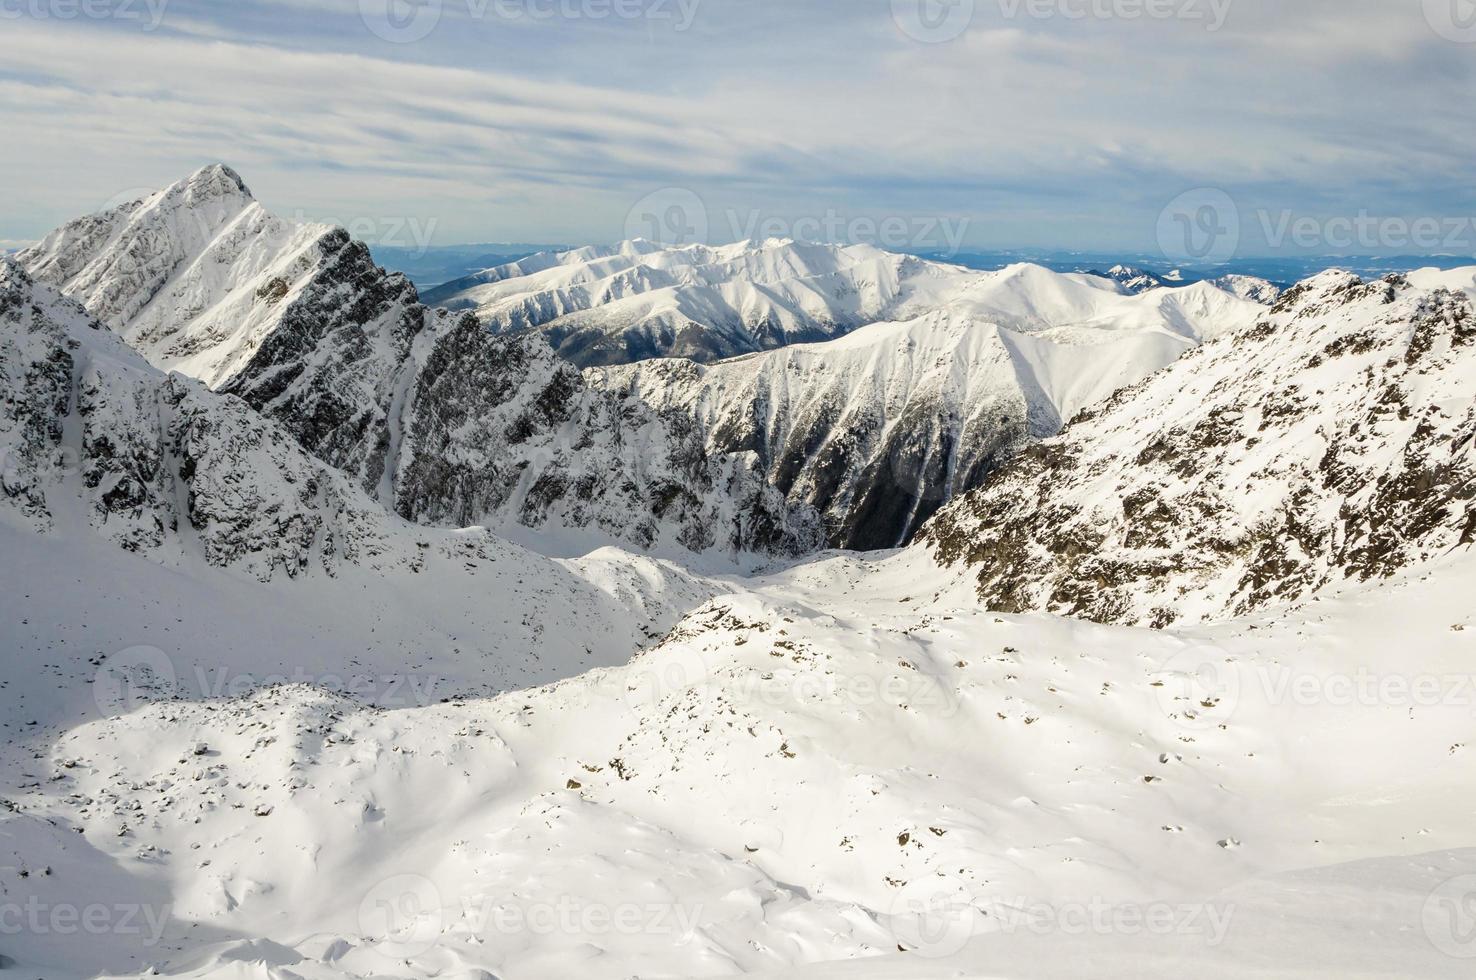 inverno nas montanhas é lindo foto